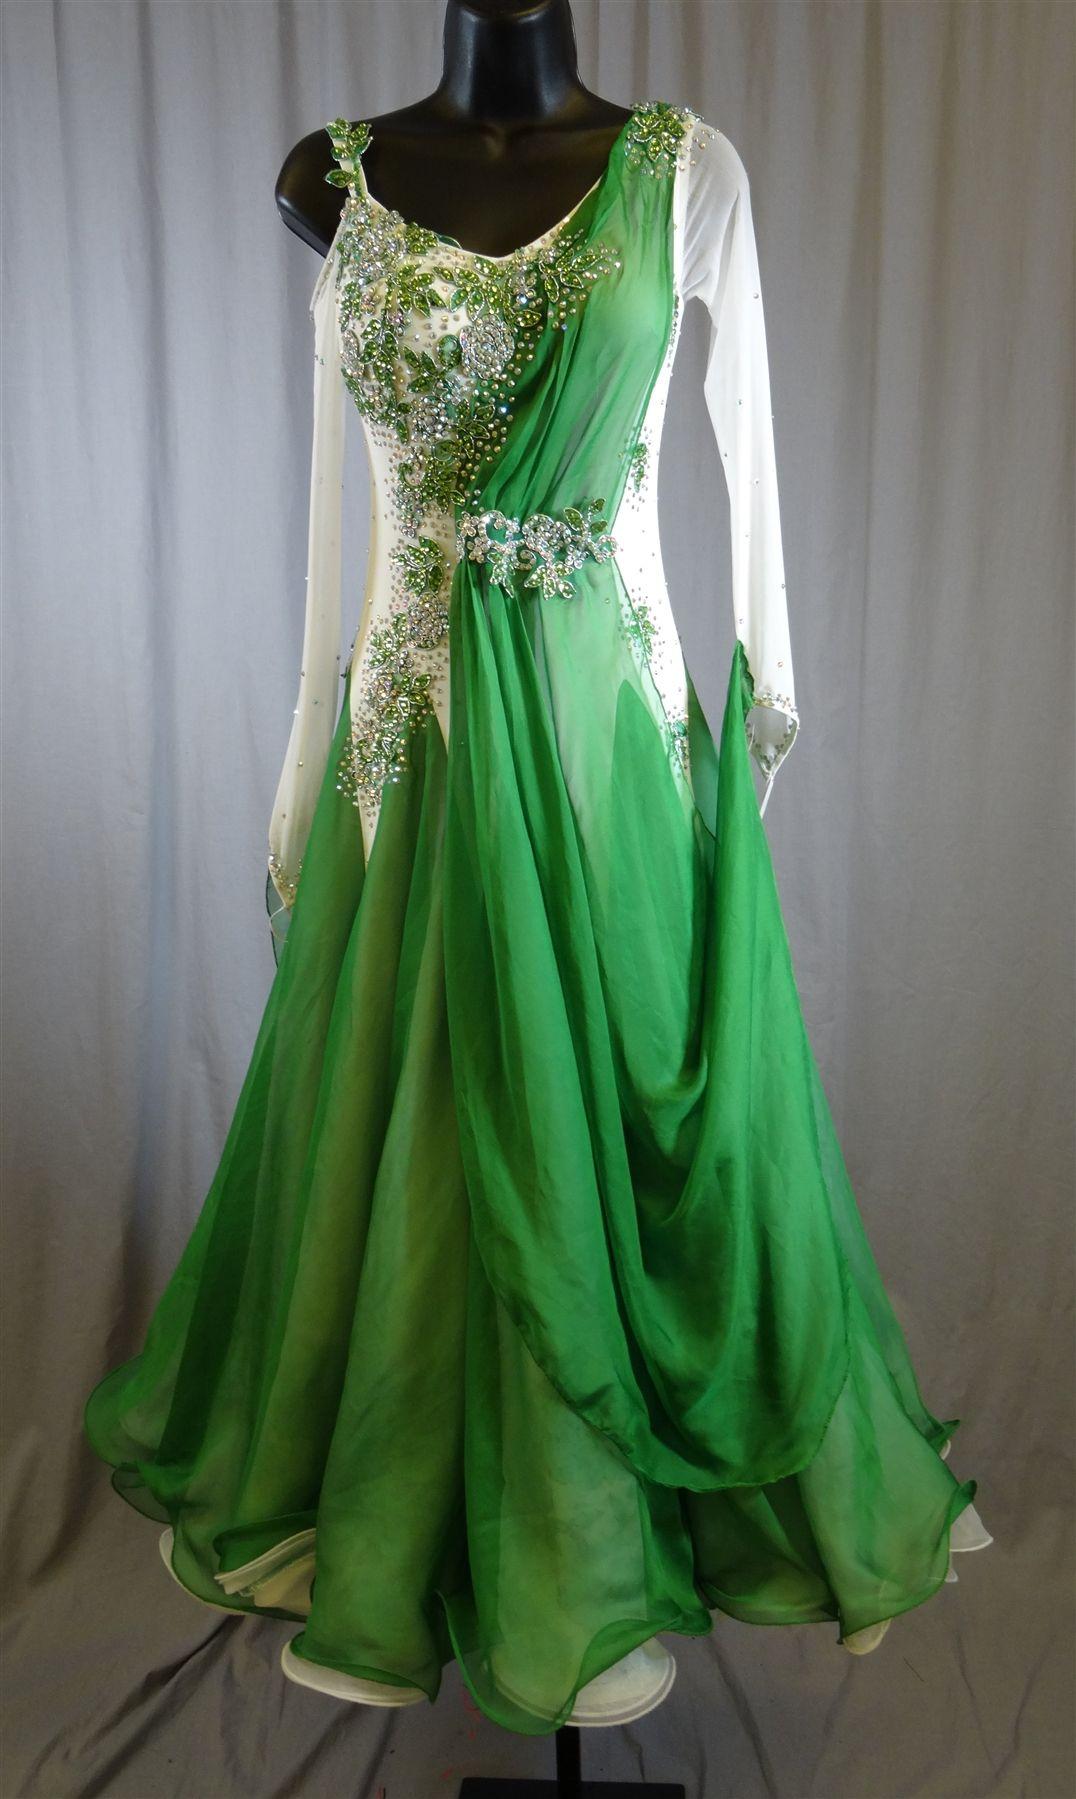 Elegant White & Green Long Mesh Sleeves Ballroom Dress in